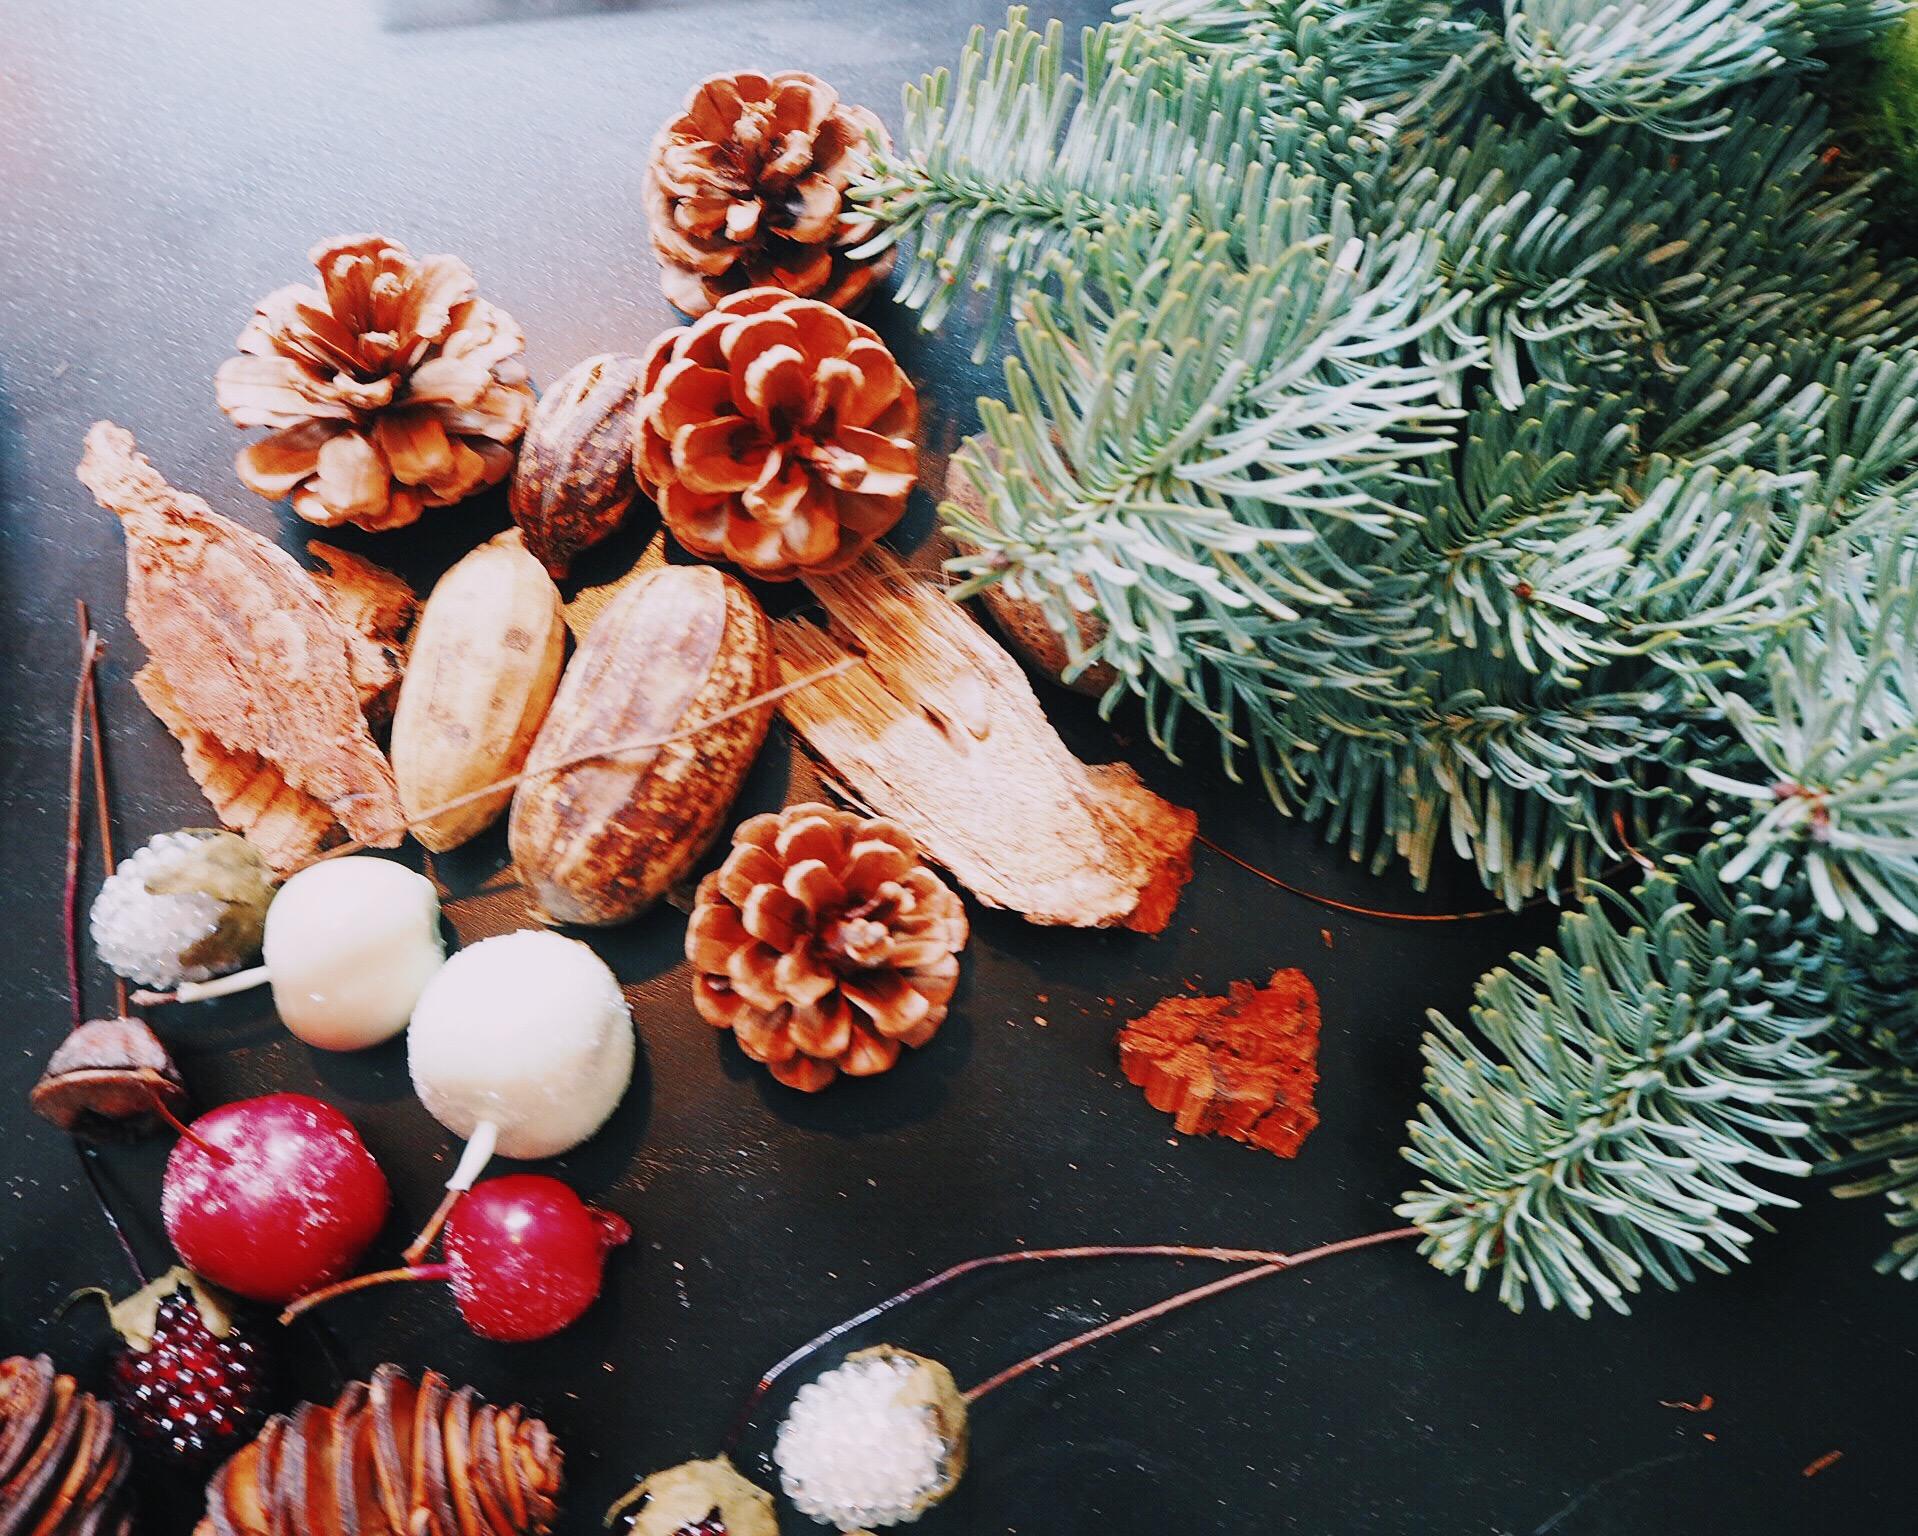 juledekoration julegran julehygge nelle noell nelle noel